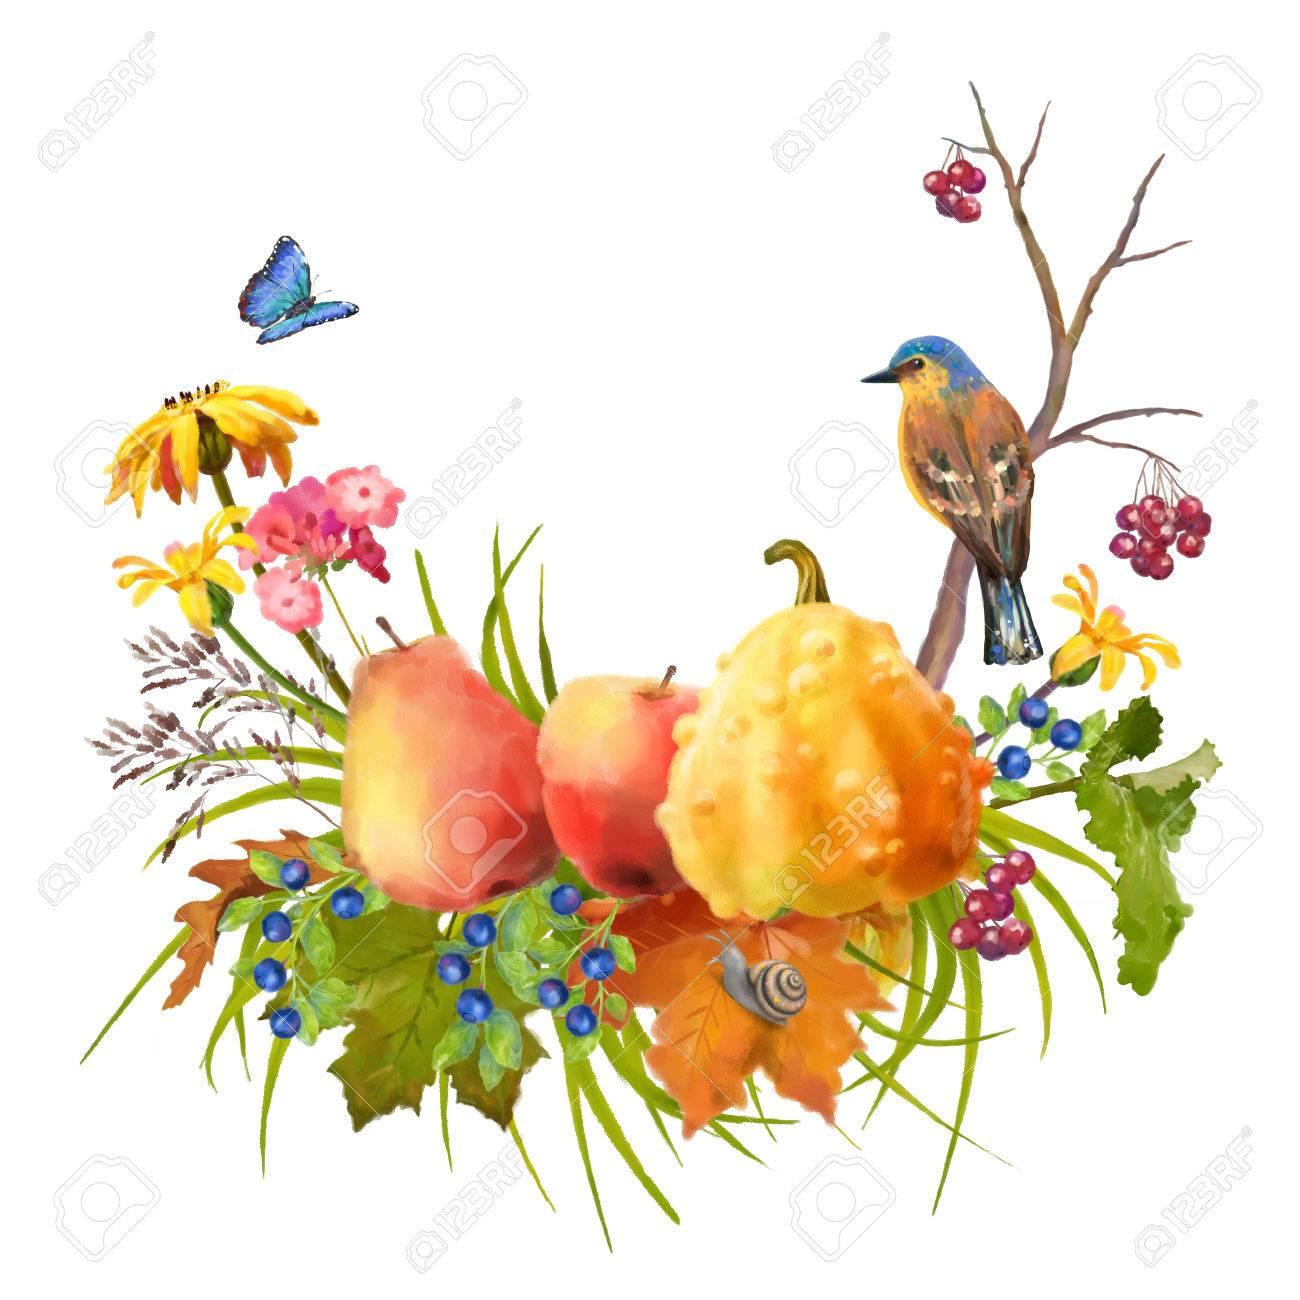 白地にカボチャ秋の花を水彩画の感謝祭組成のイラスト秋葉と鳥 の写真